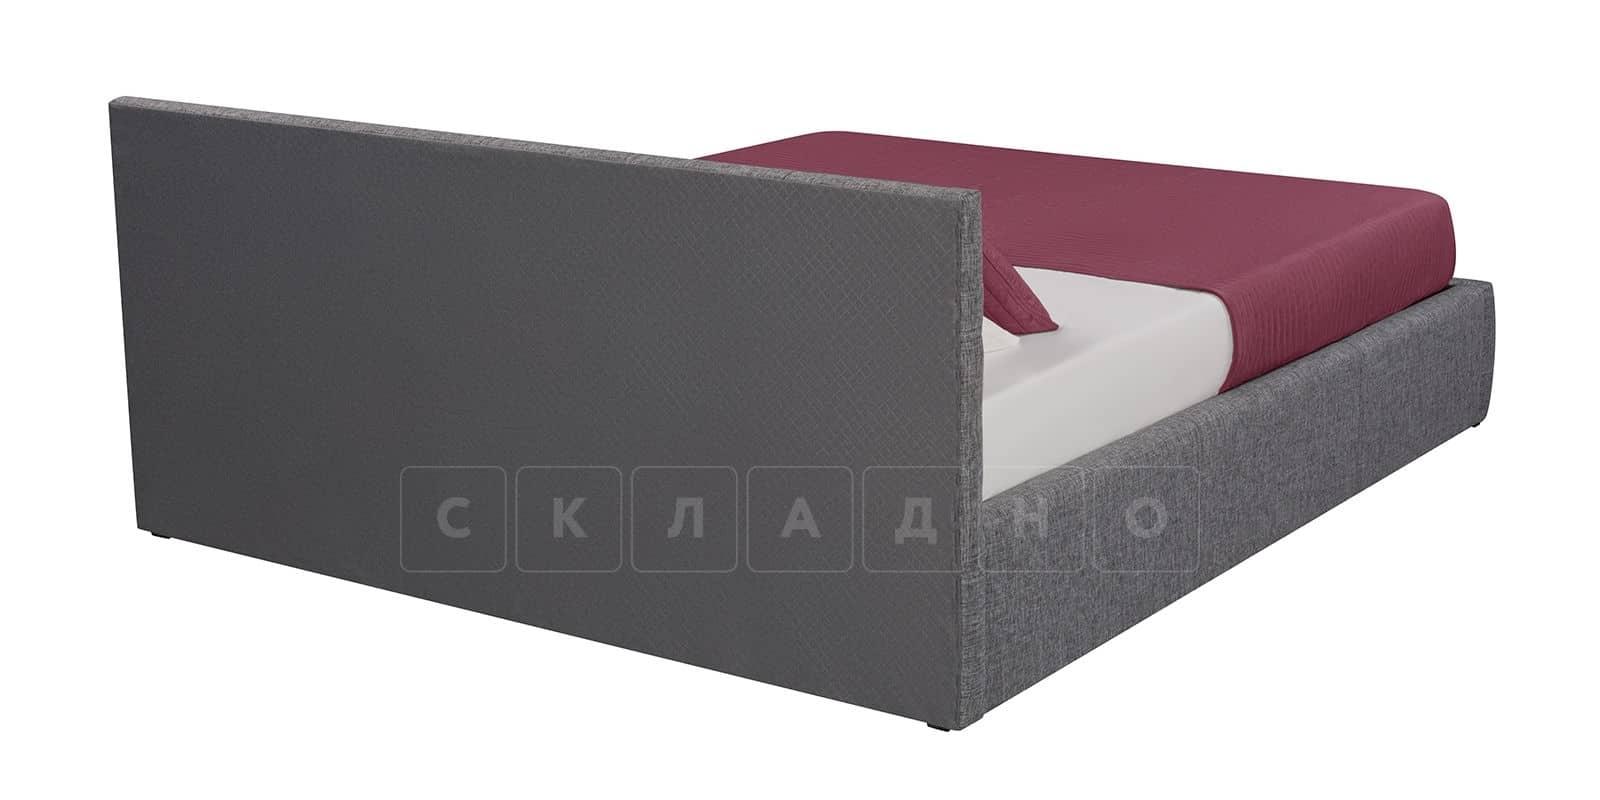 Мягкая кровать Афина 160см рогожка серого цвета фото 4 | интернет-магазин Складно